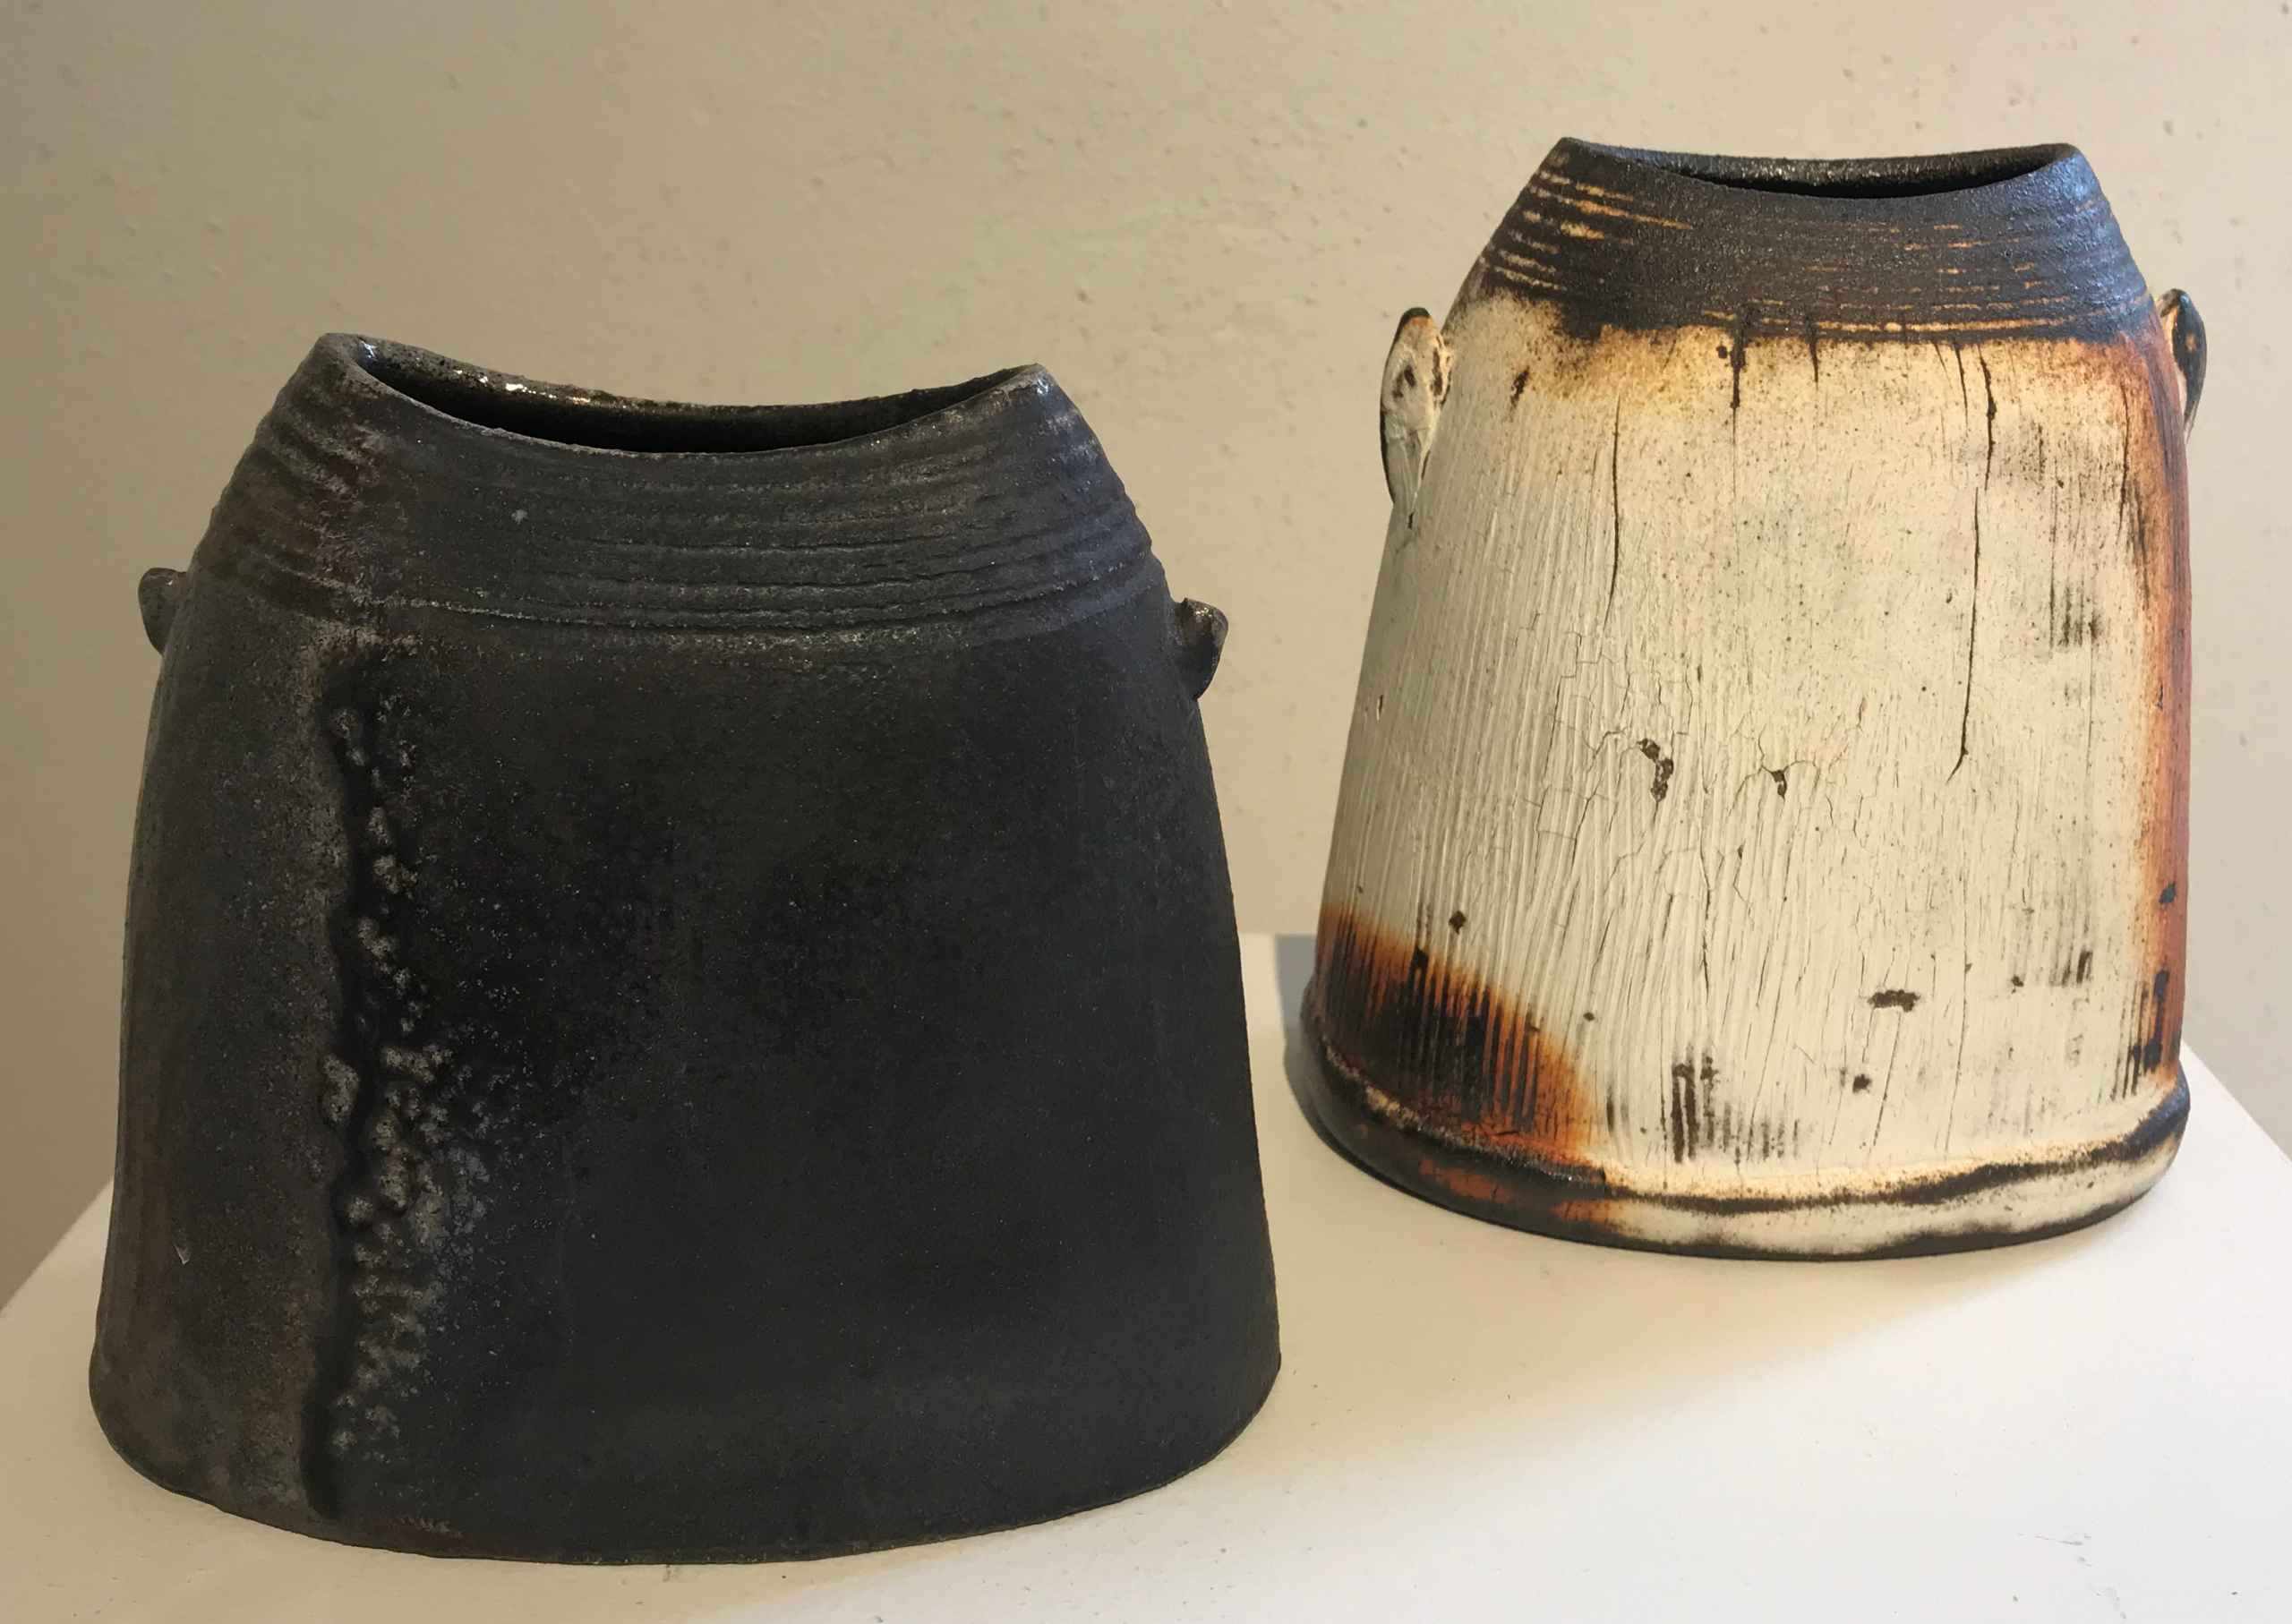 2 ceramic jars by George Kibler